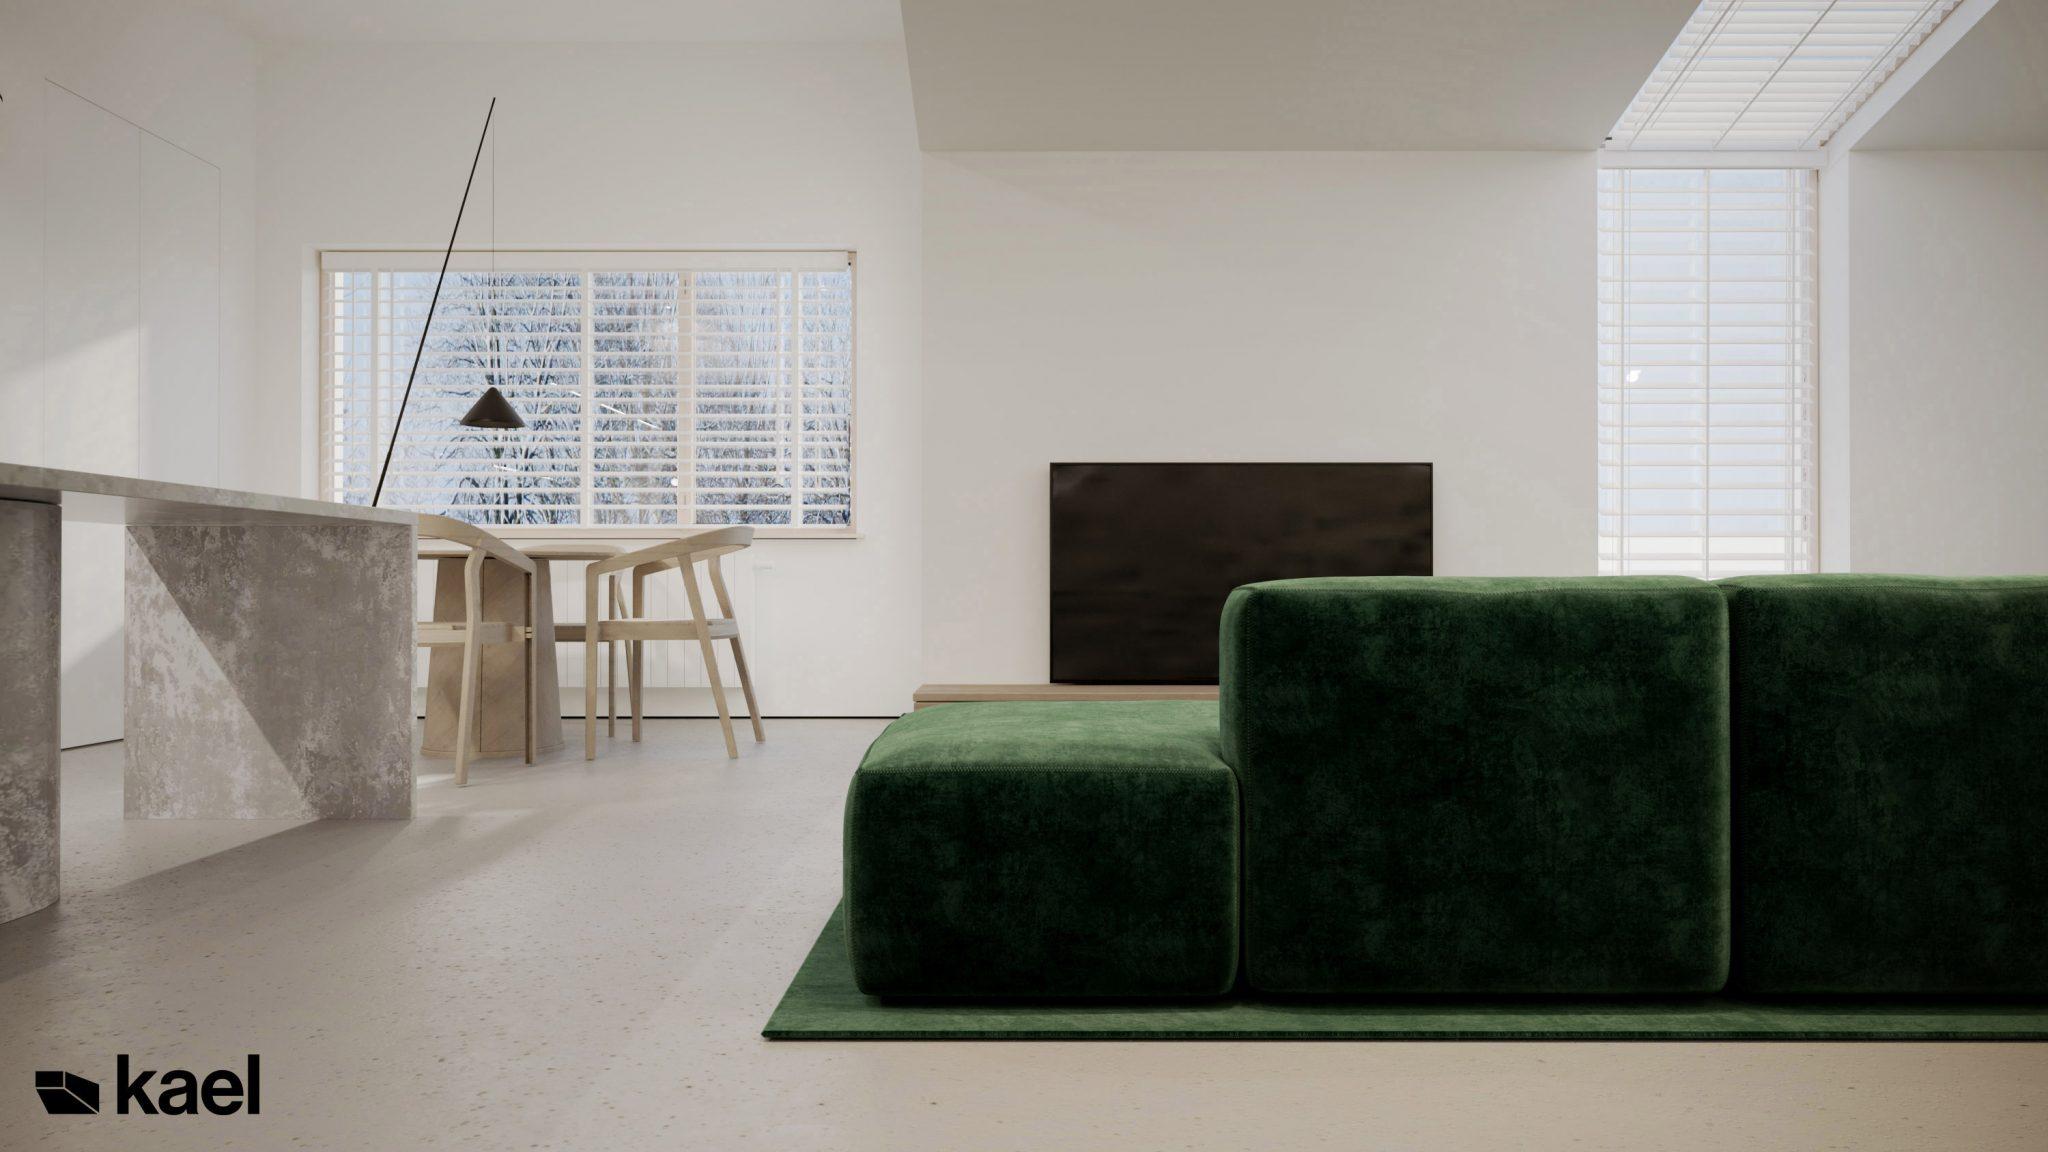 Salon - Palestera - projekt wnętrza Kael